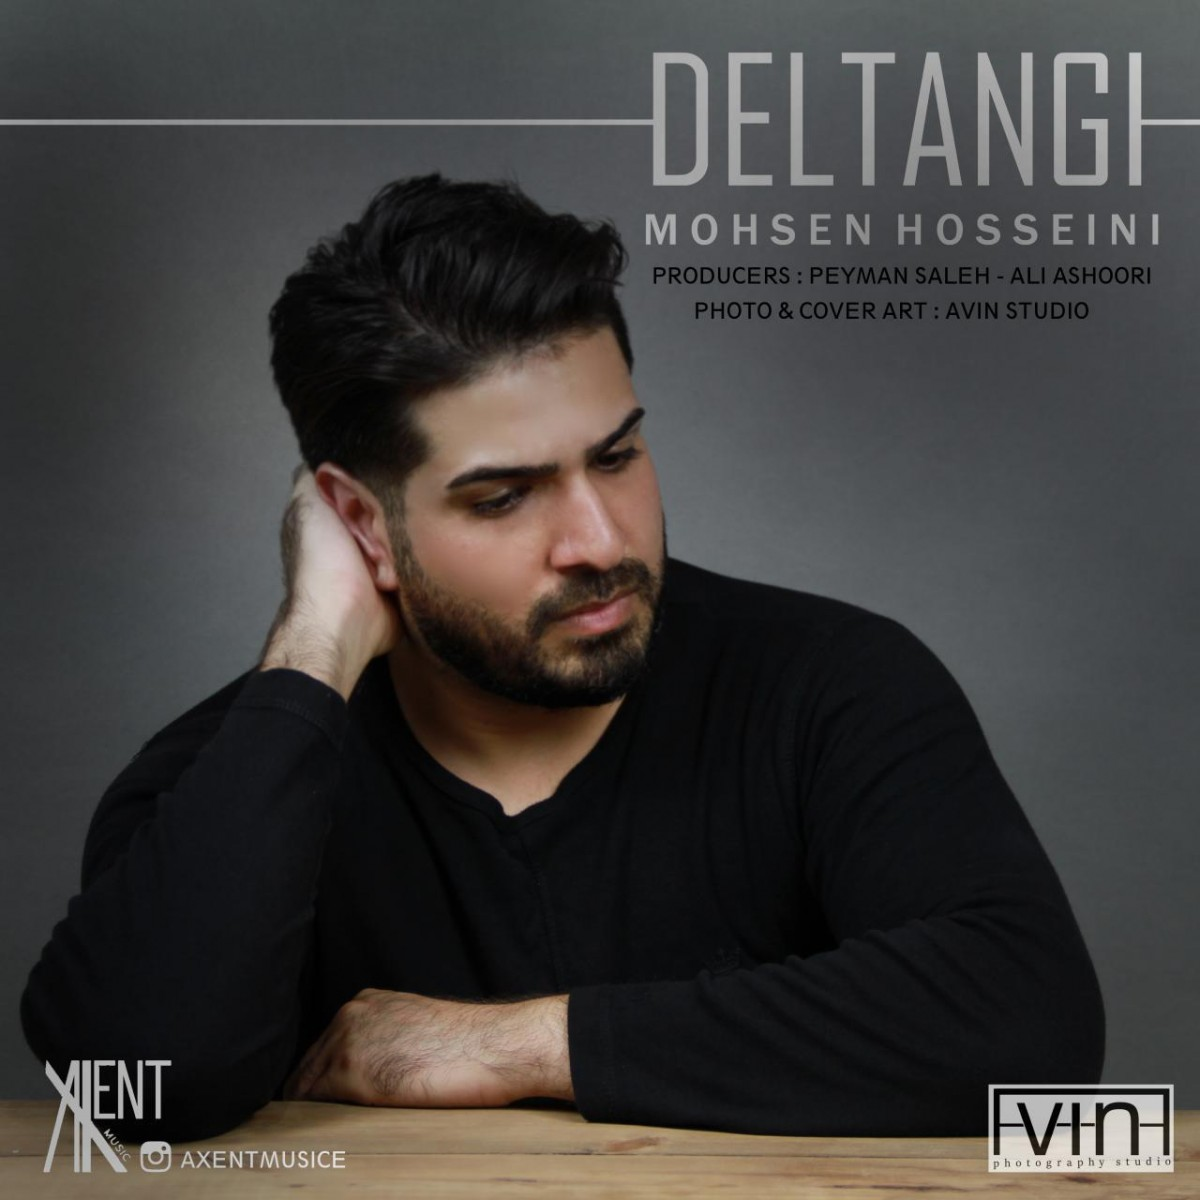 نامبر وان موزیک | دانلود آهنگ جدید Mohsen-Hosseini-Deltangi